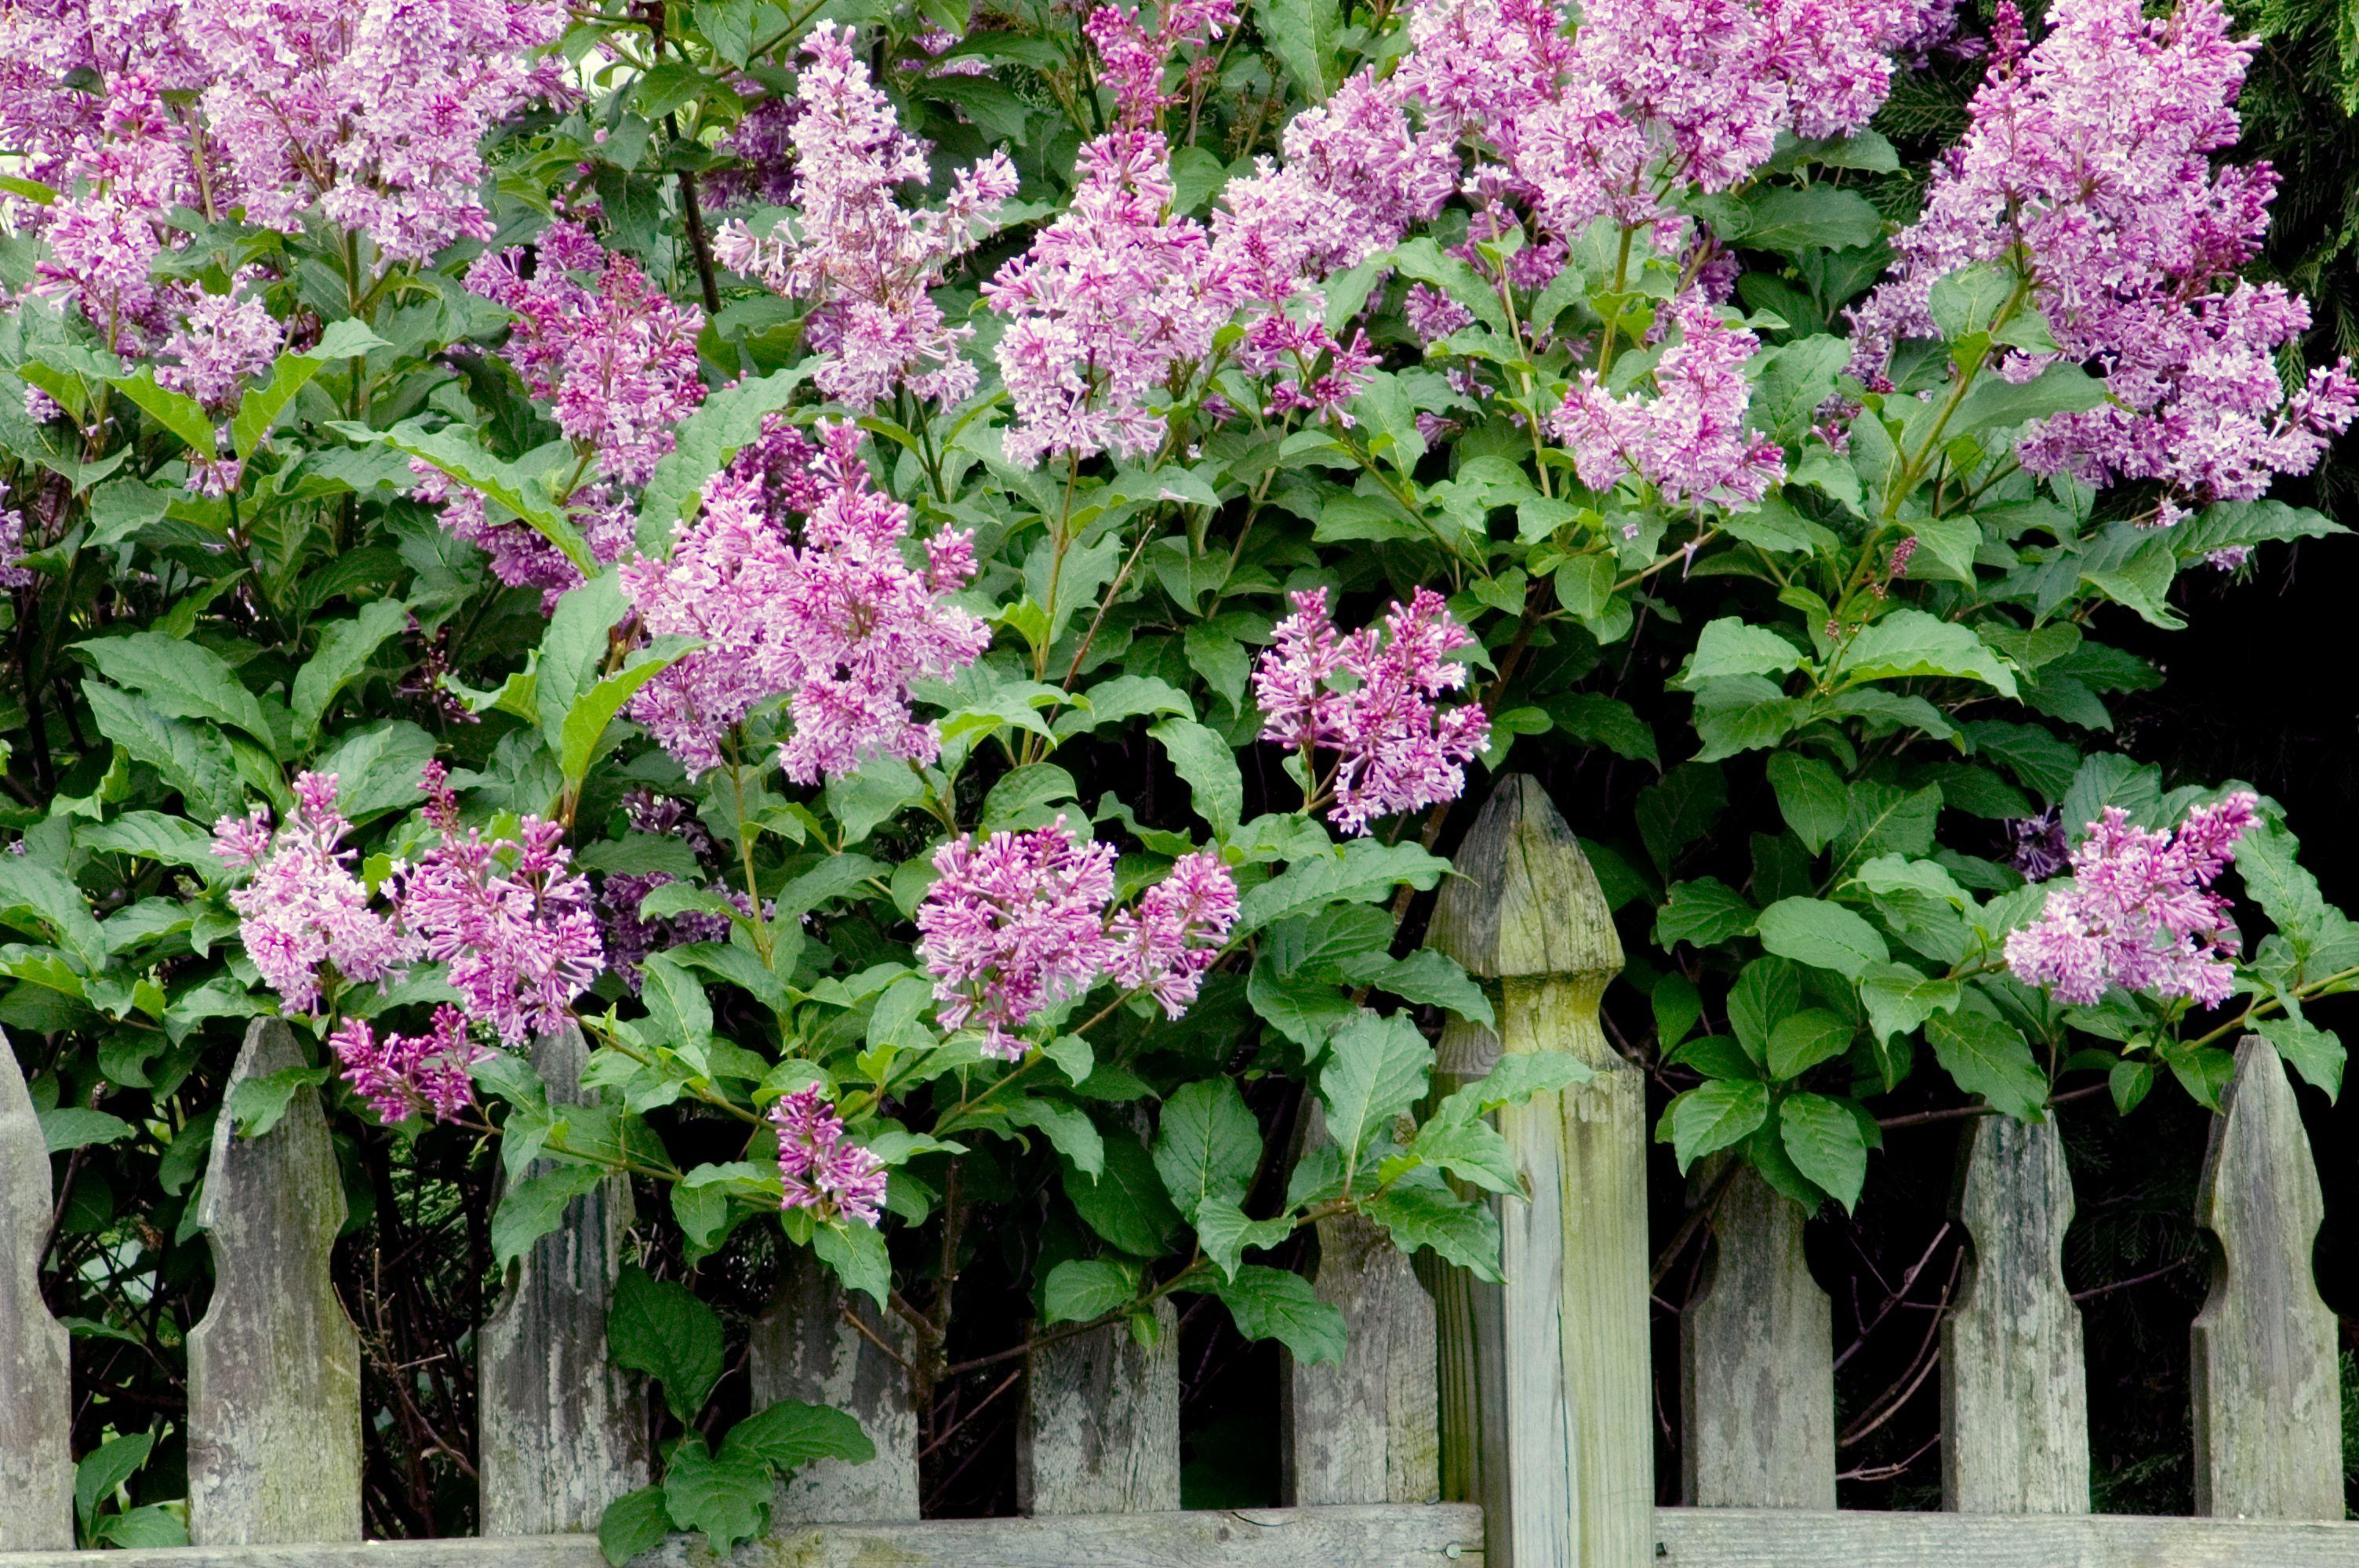 Lilas moradas al lado de una valla